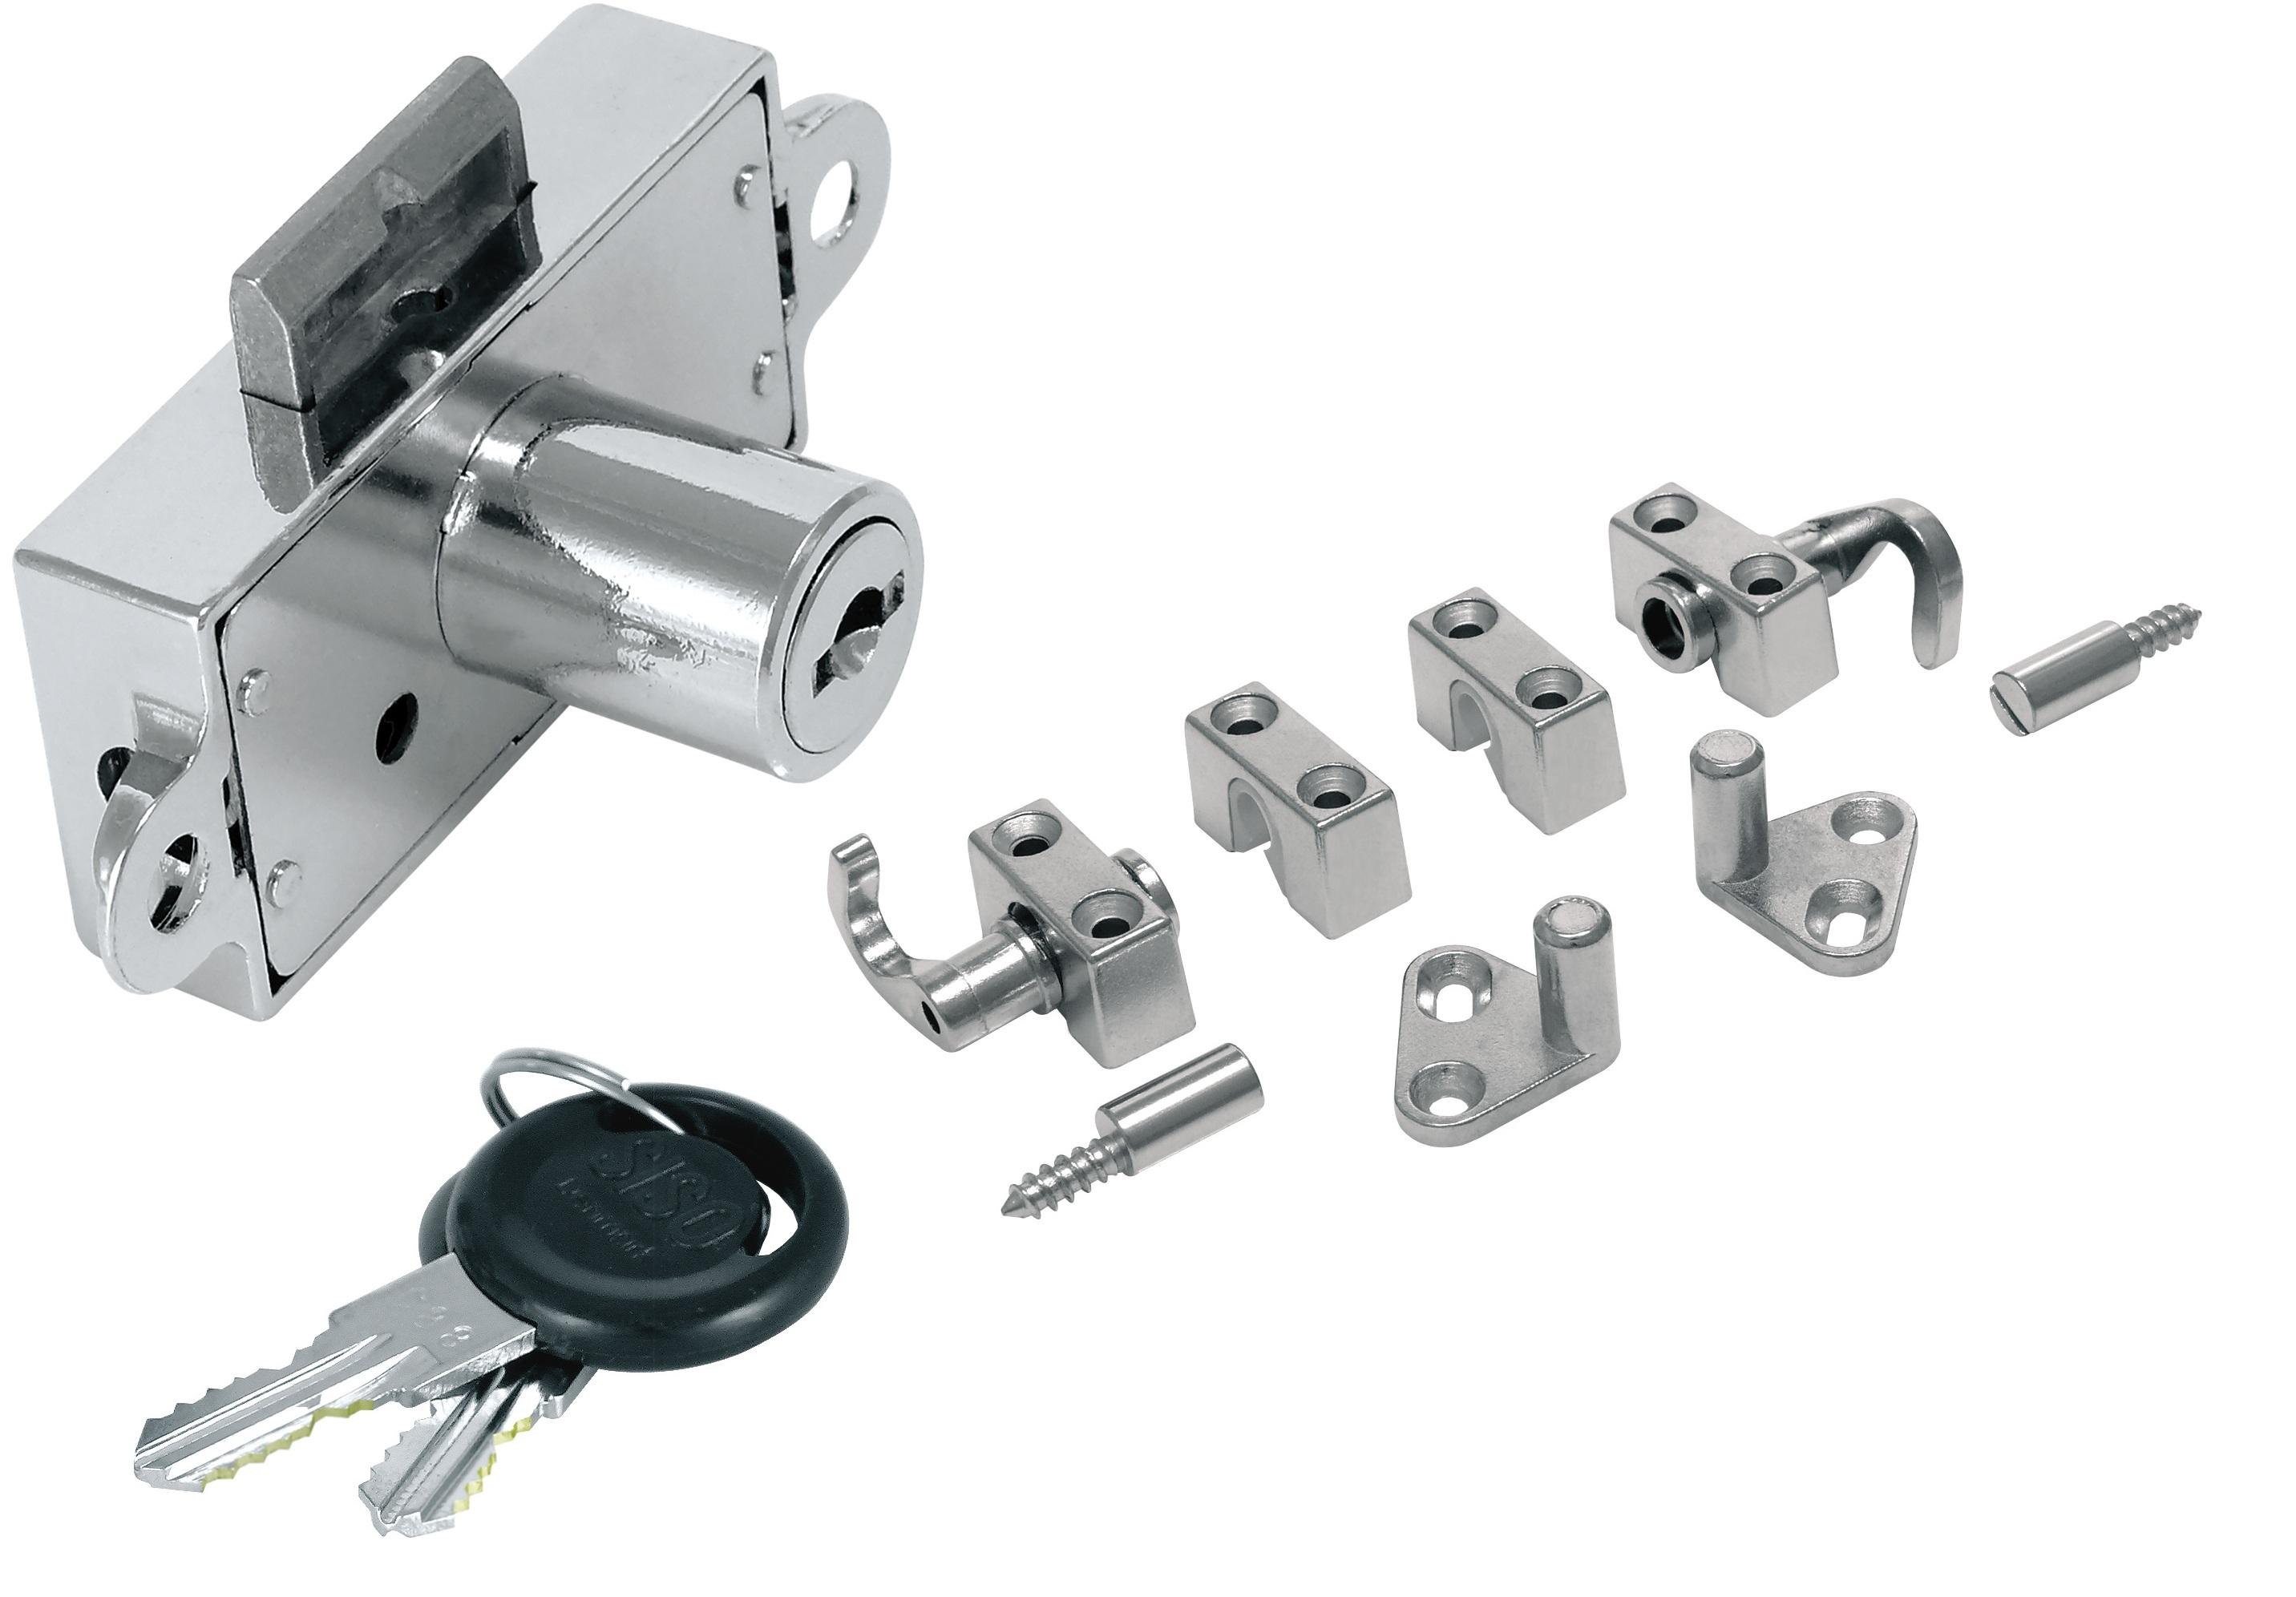 Rectangular Espagnolette Lock Espagnolette Locks